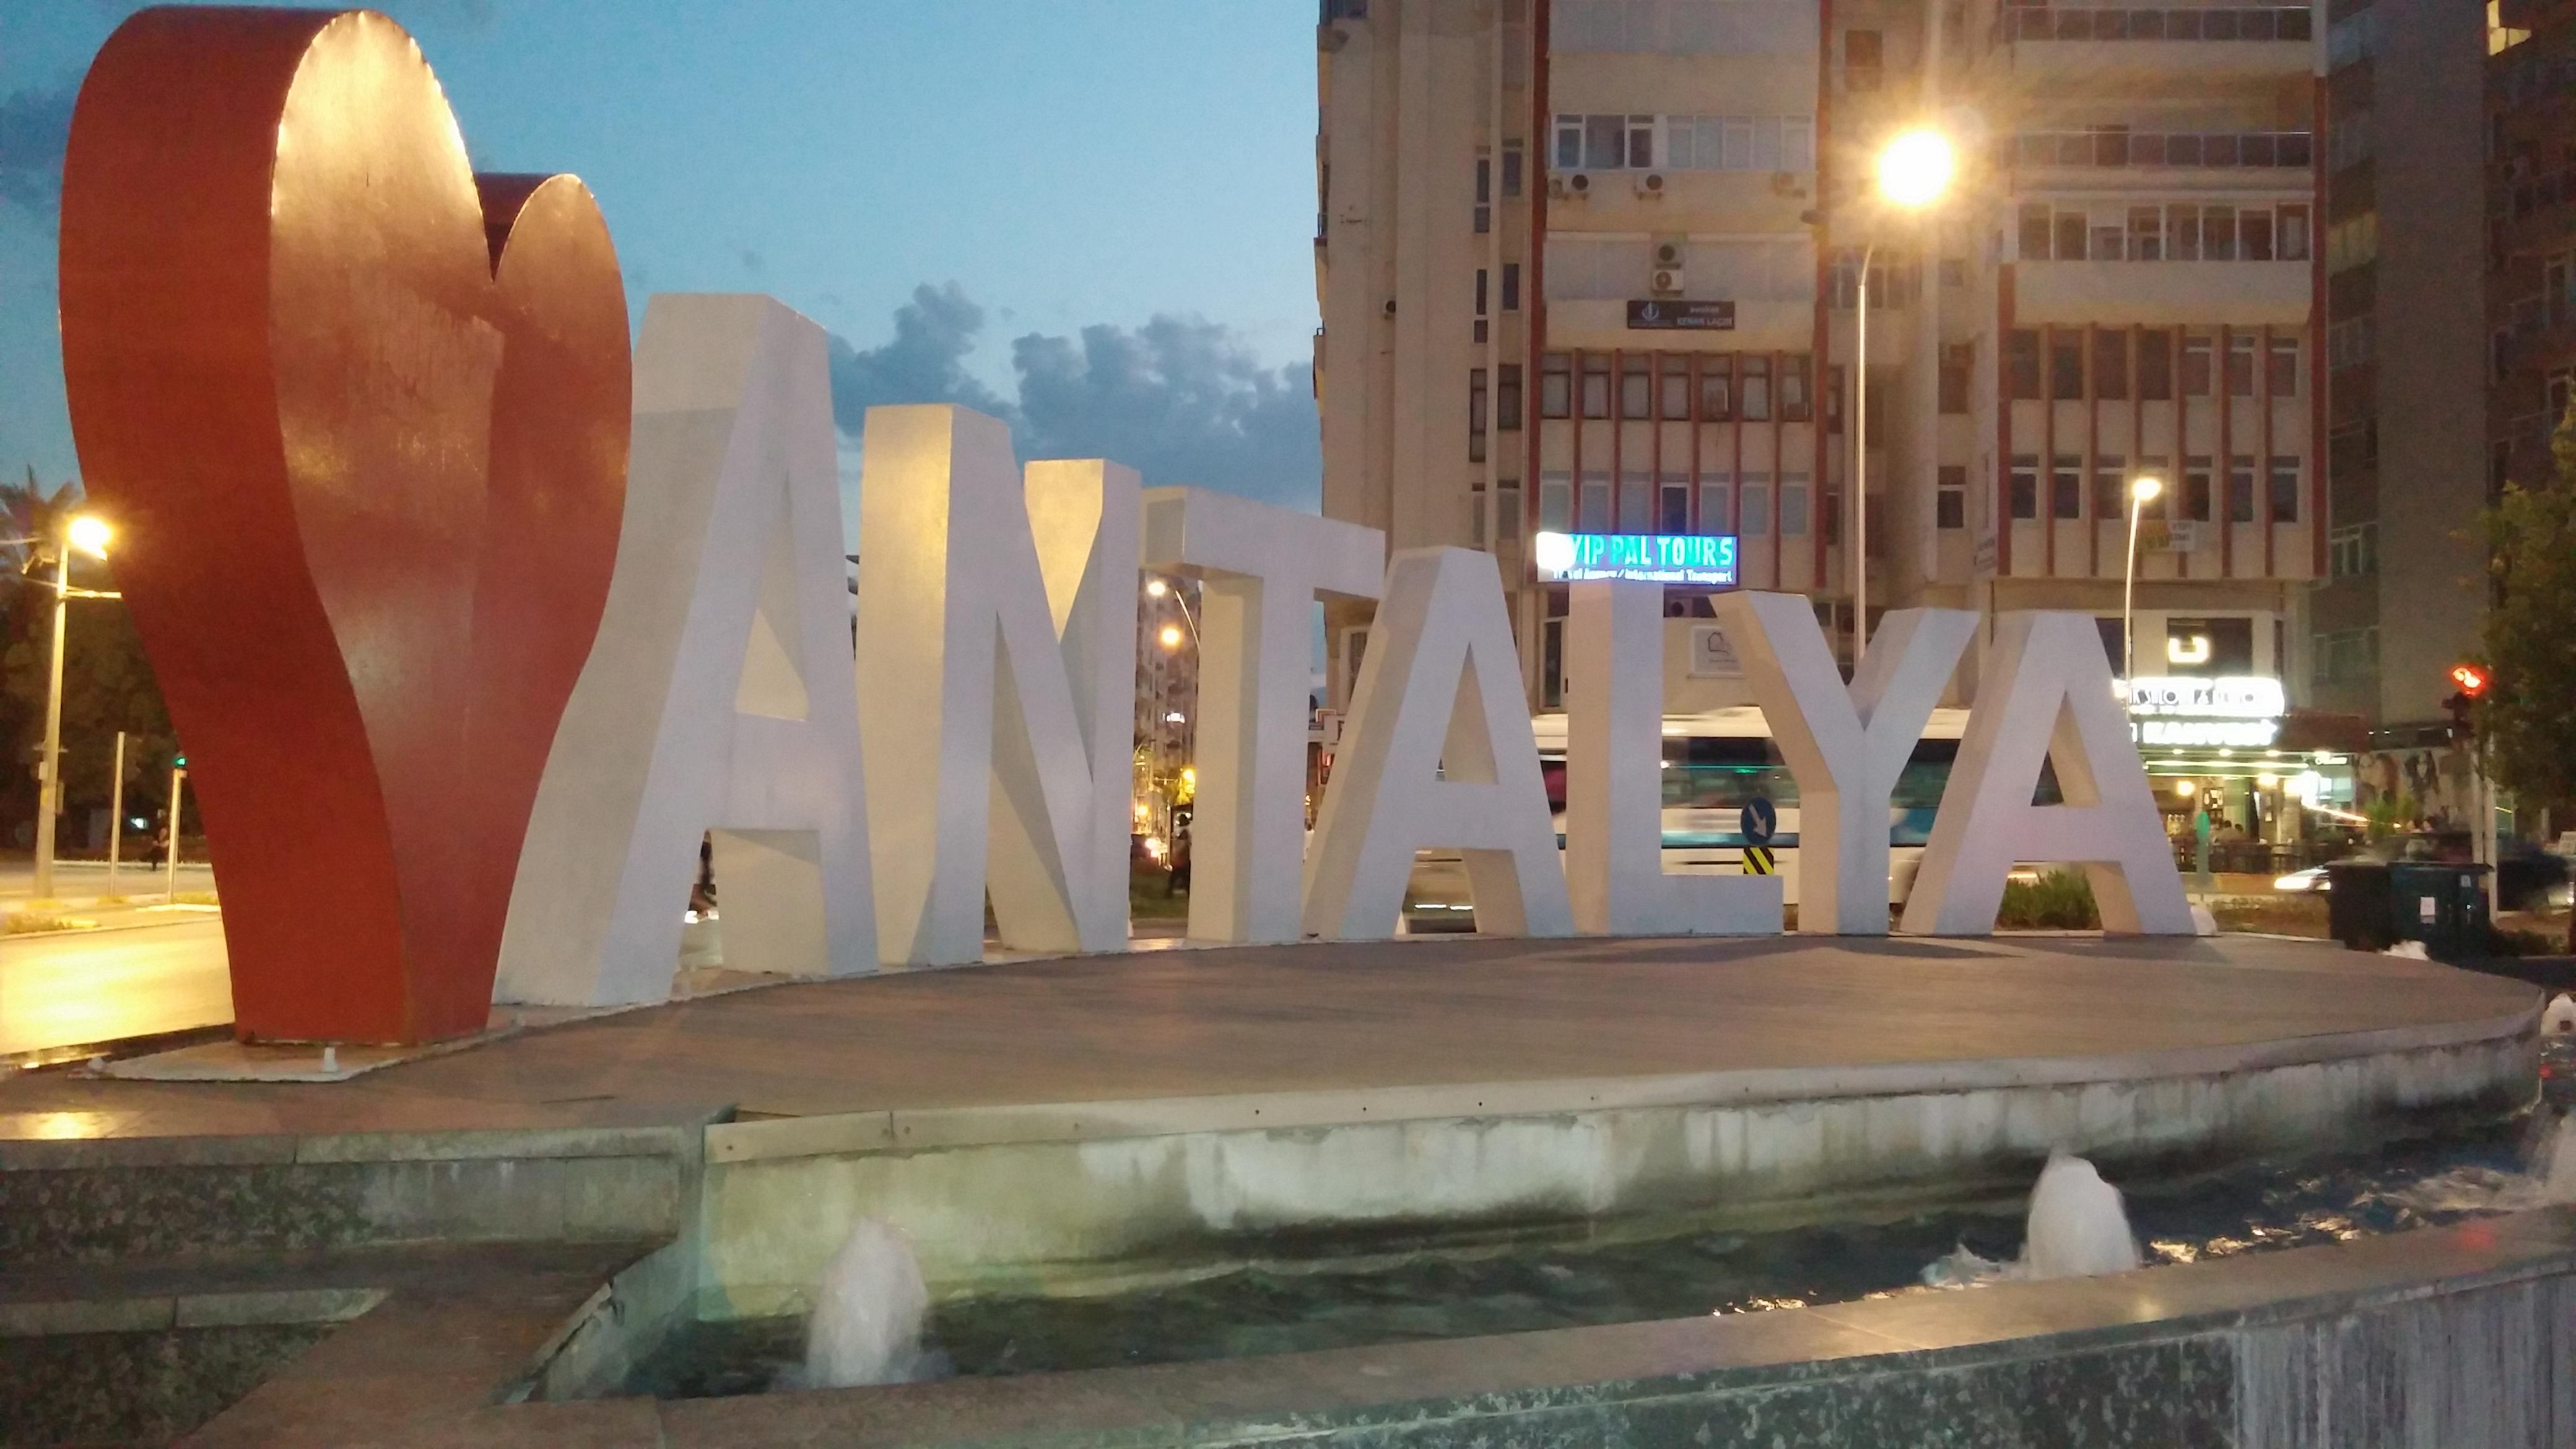 Antalya dating site - free online dating in Antalya (Antalya Turkey)